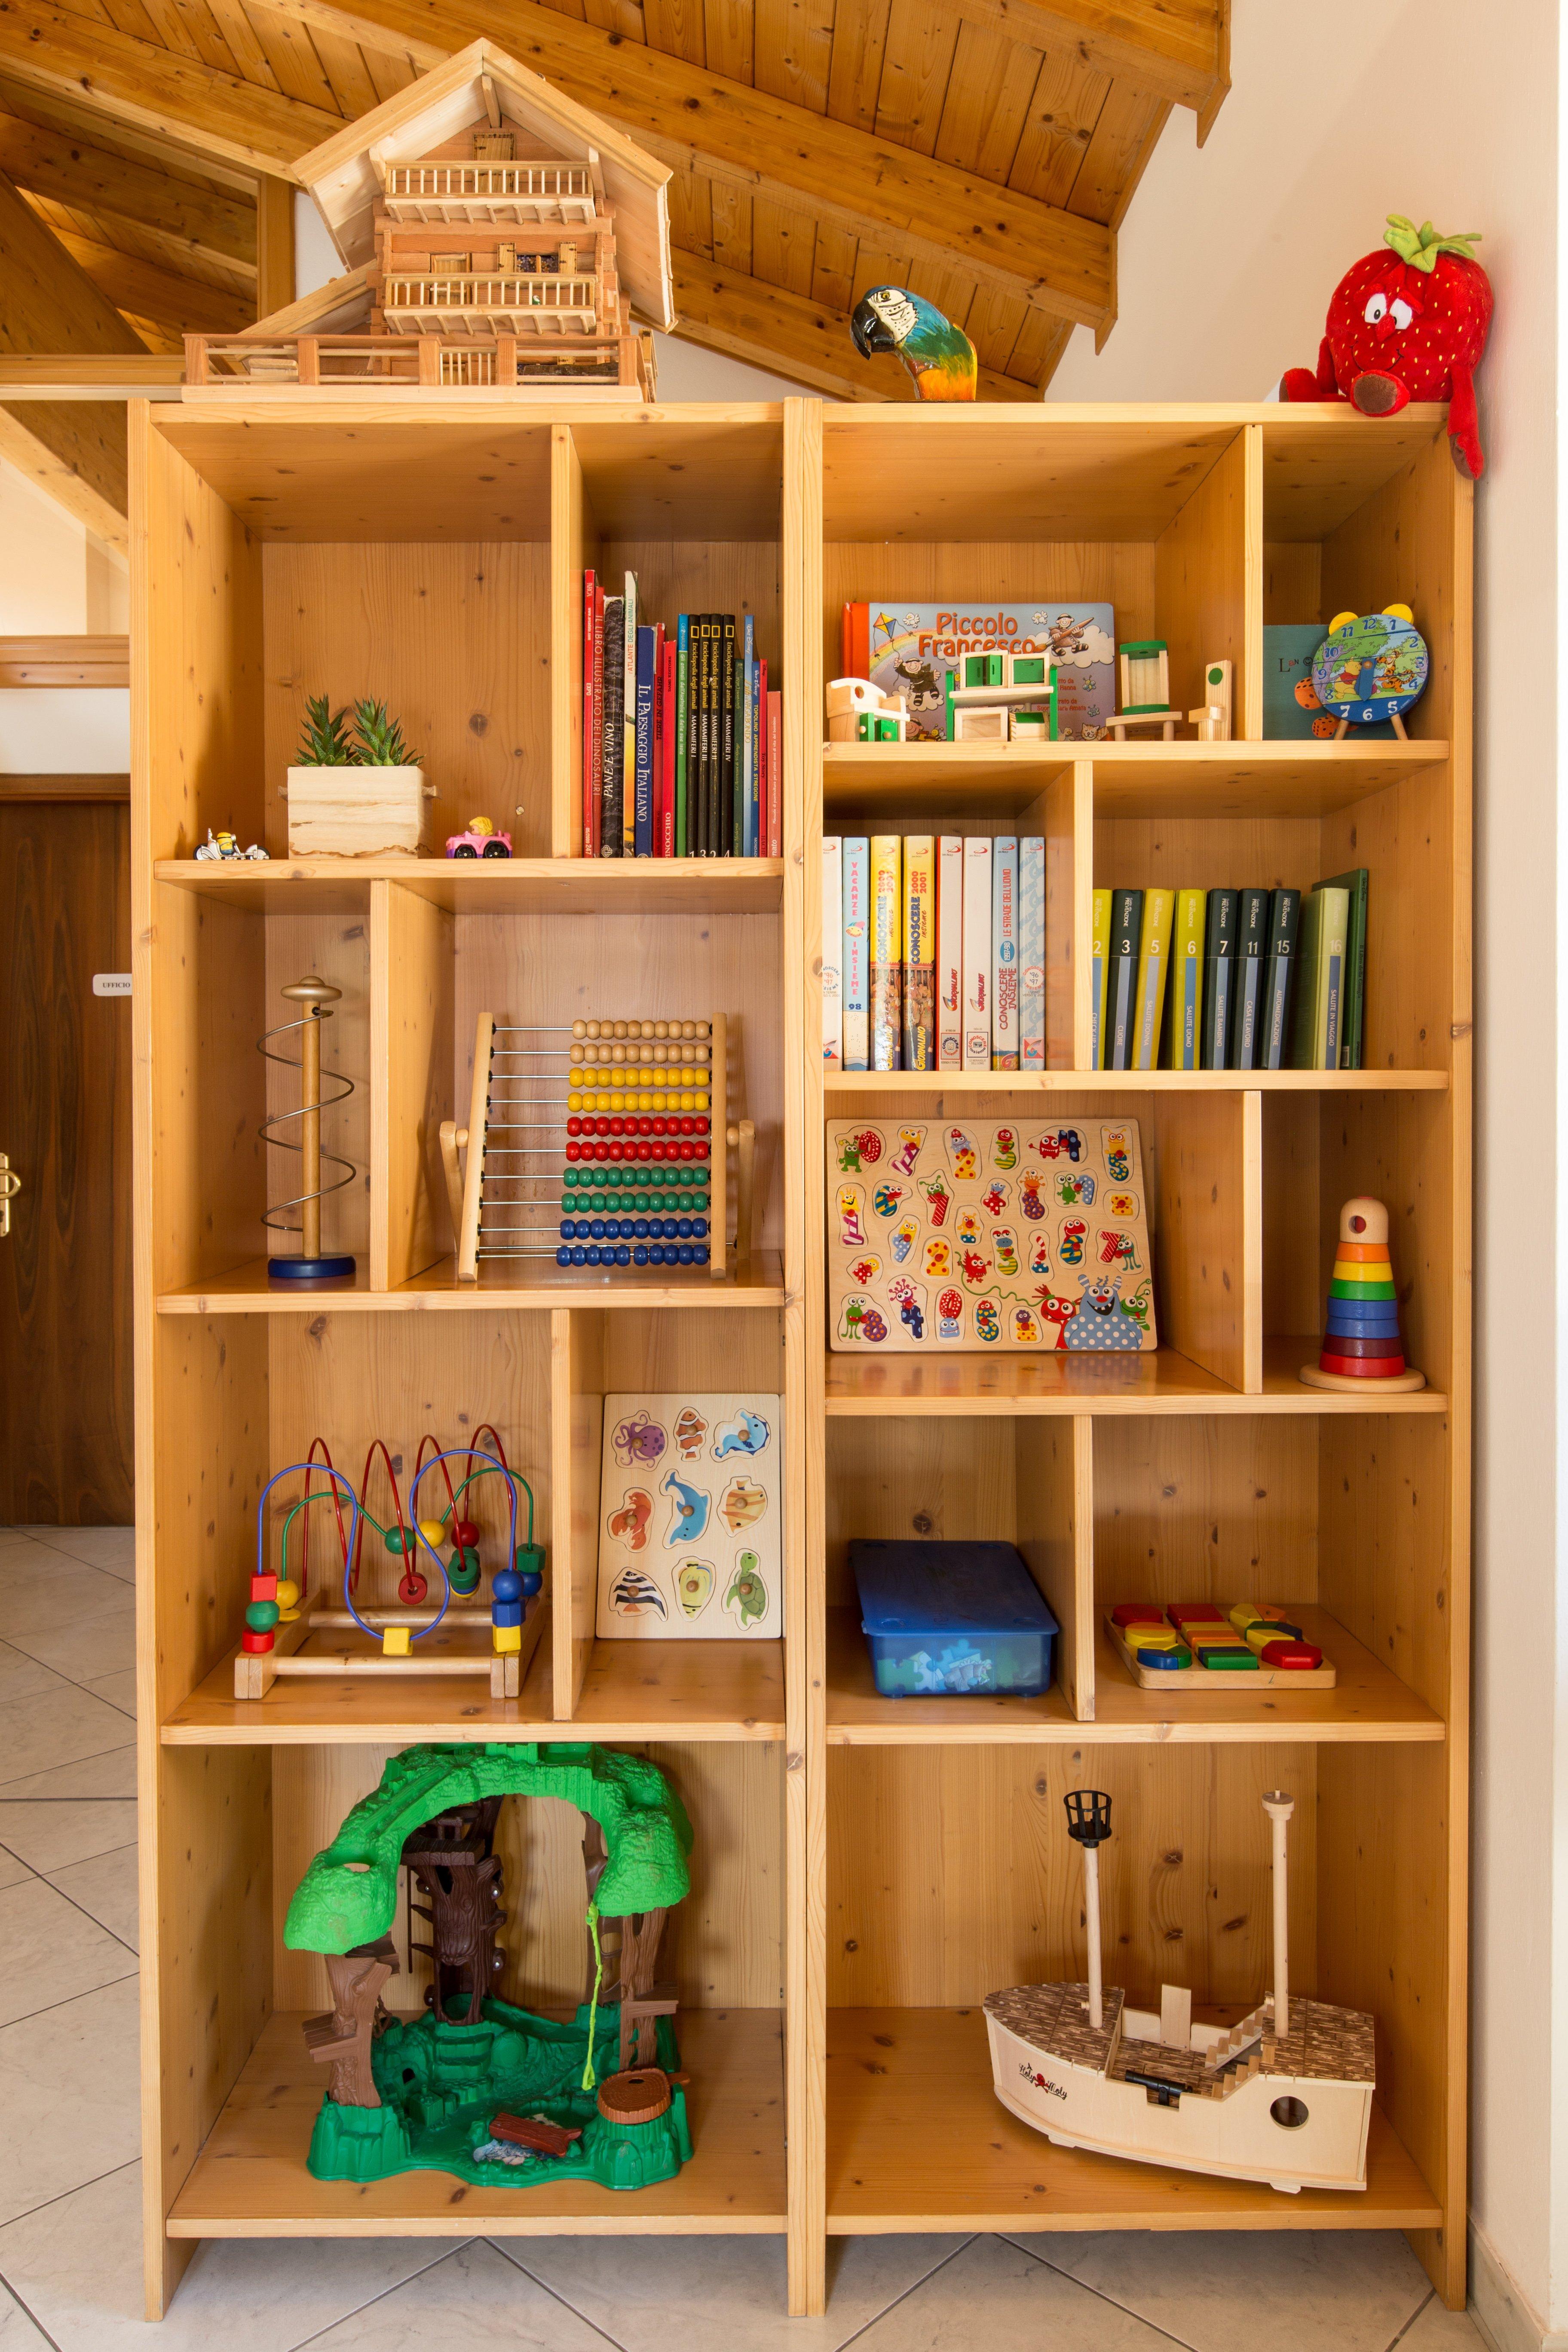 Libreria con giochi per bambini nello Studio Dentistico Benvegnù ad Arten, Belluno